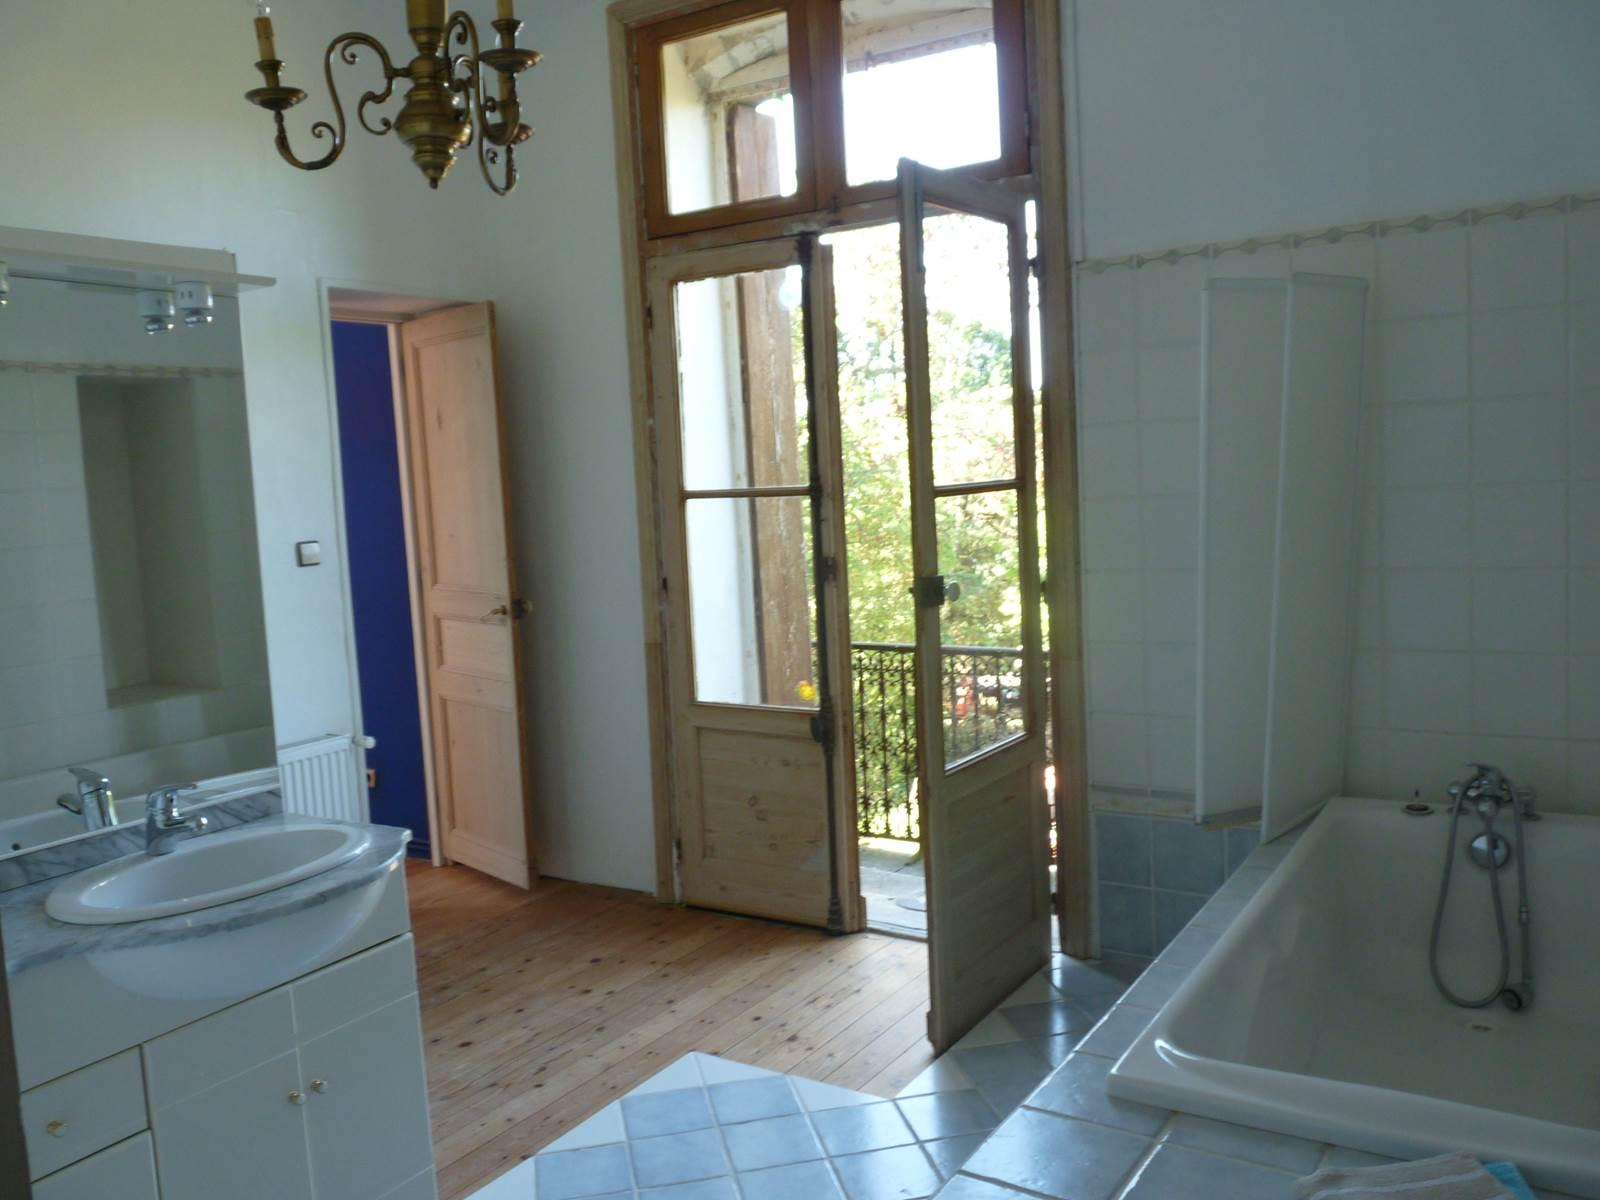 la salle de bain et son balcon